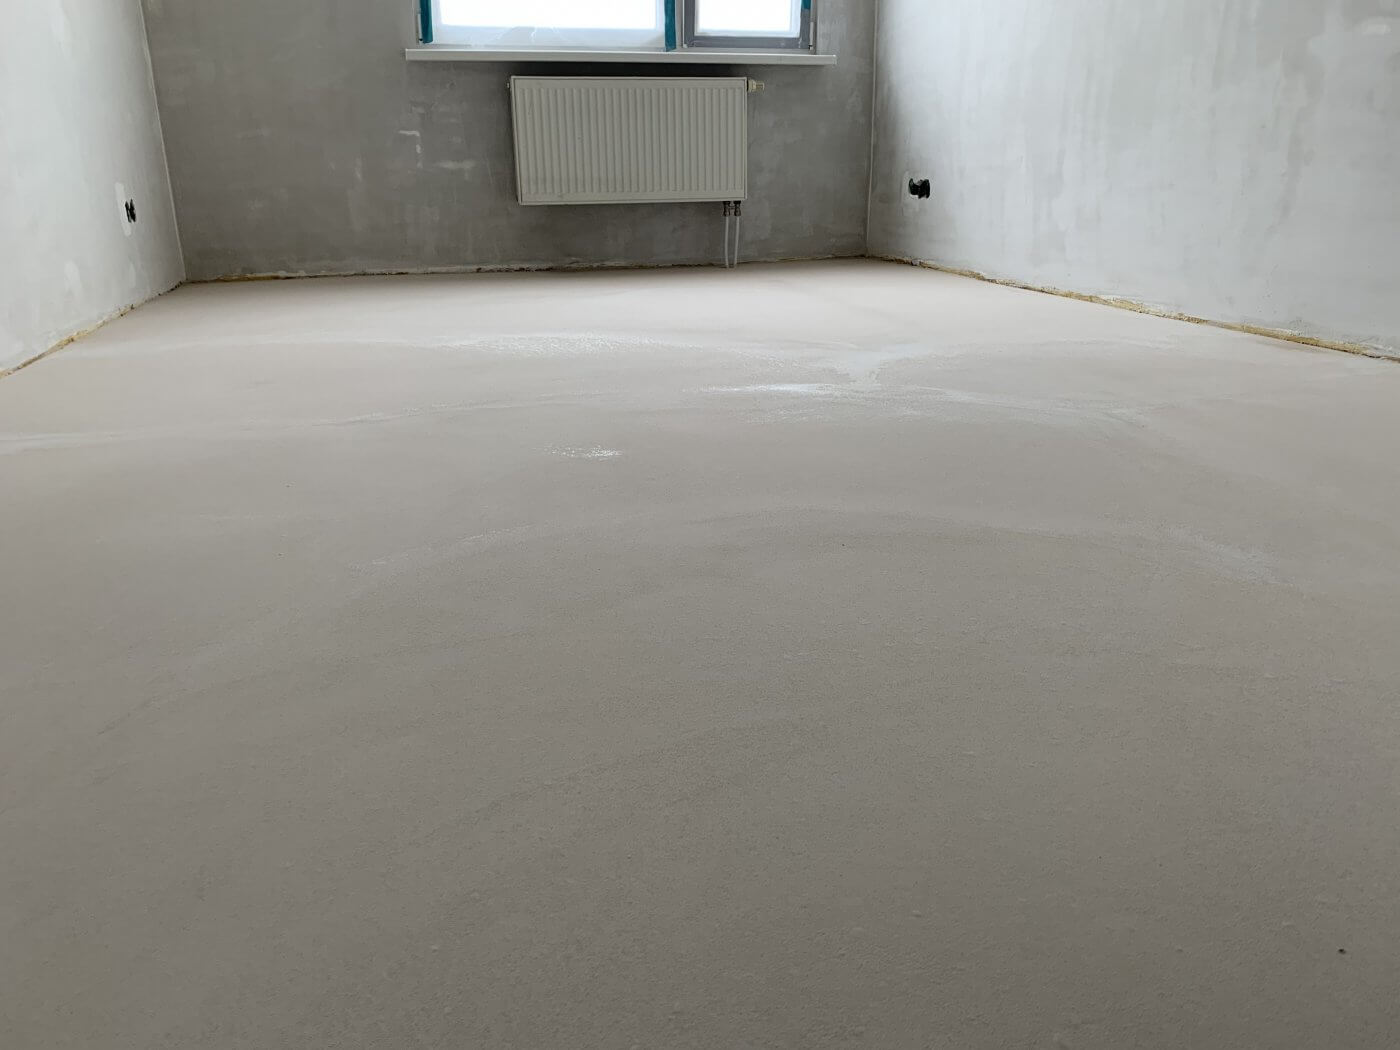 vyrovnanie podlahy pomocou samonivelizačnej hmoty